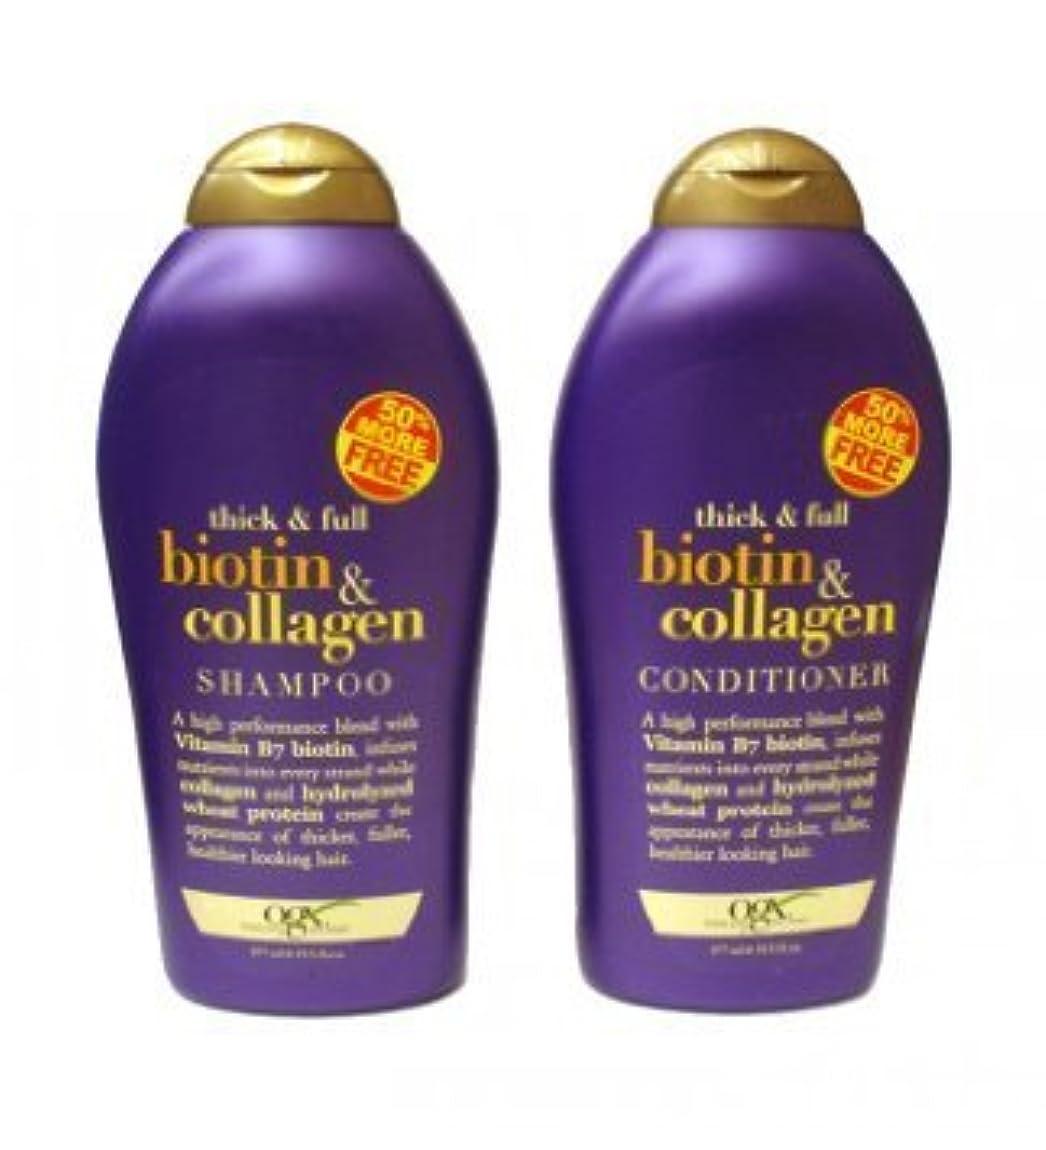 熱望する制裁地区OGX (Thick & Full) Biotin & Collagen Shampoo 19.5oz + Conditioner 19.5oz Duo-Set [並行輸入品]